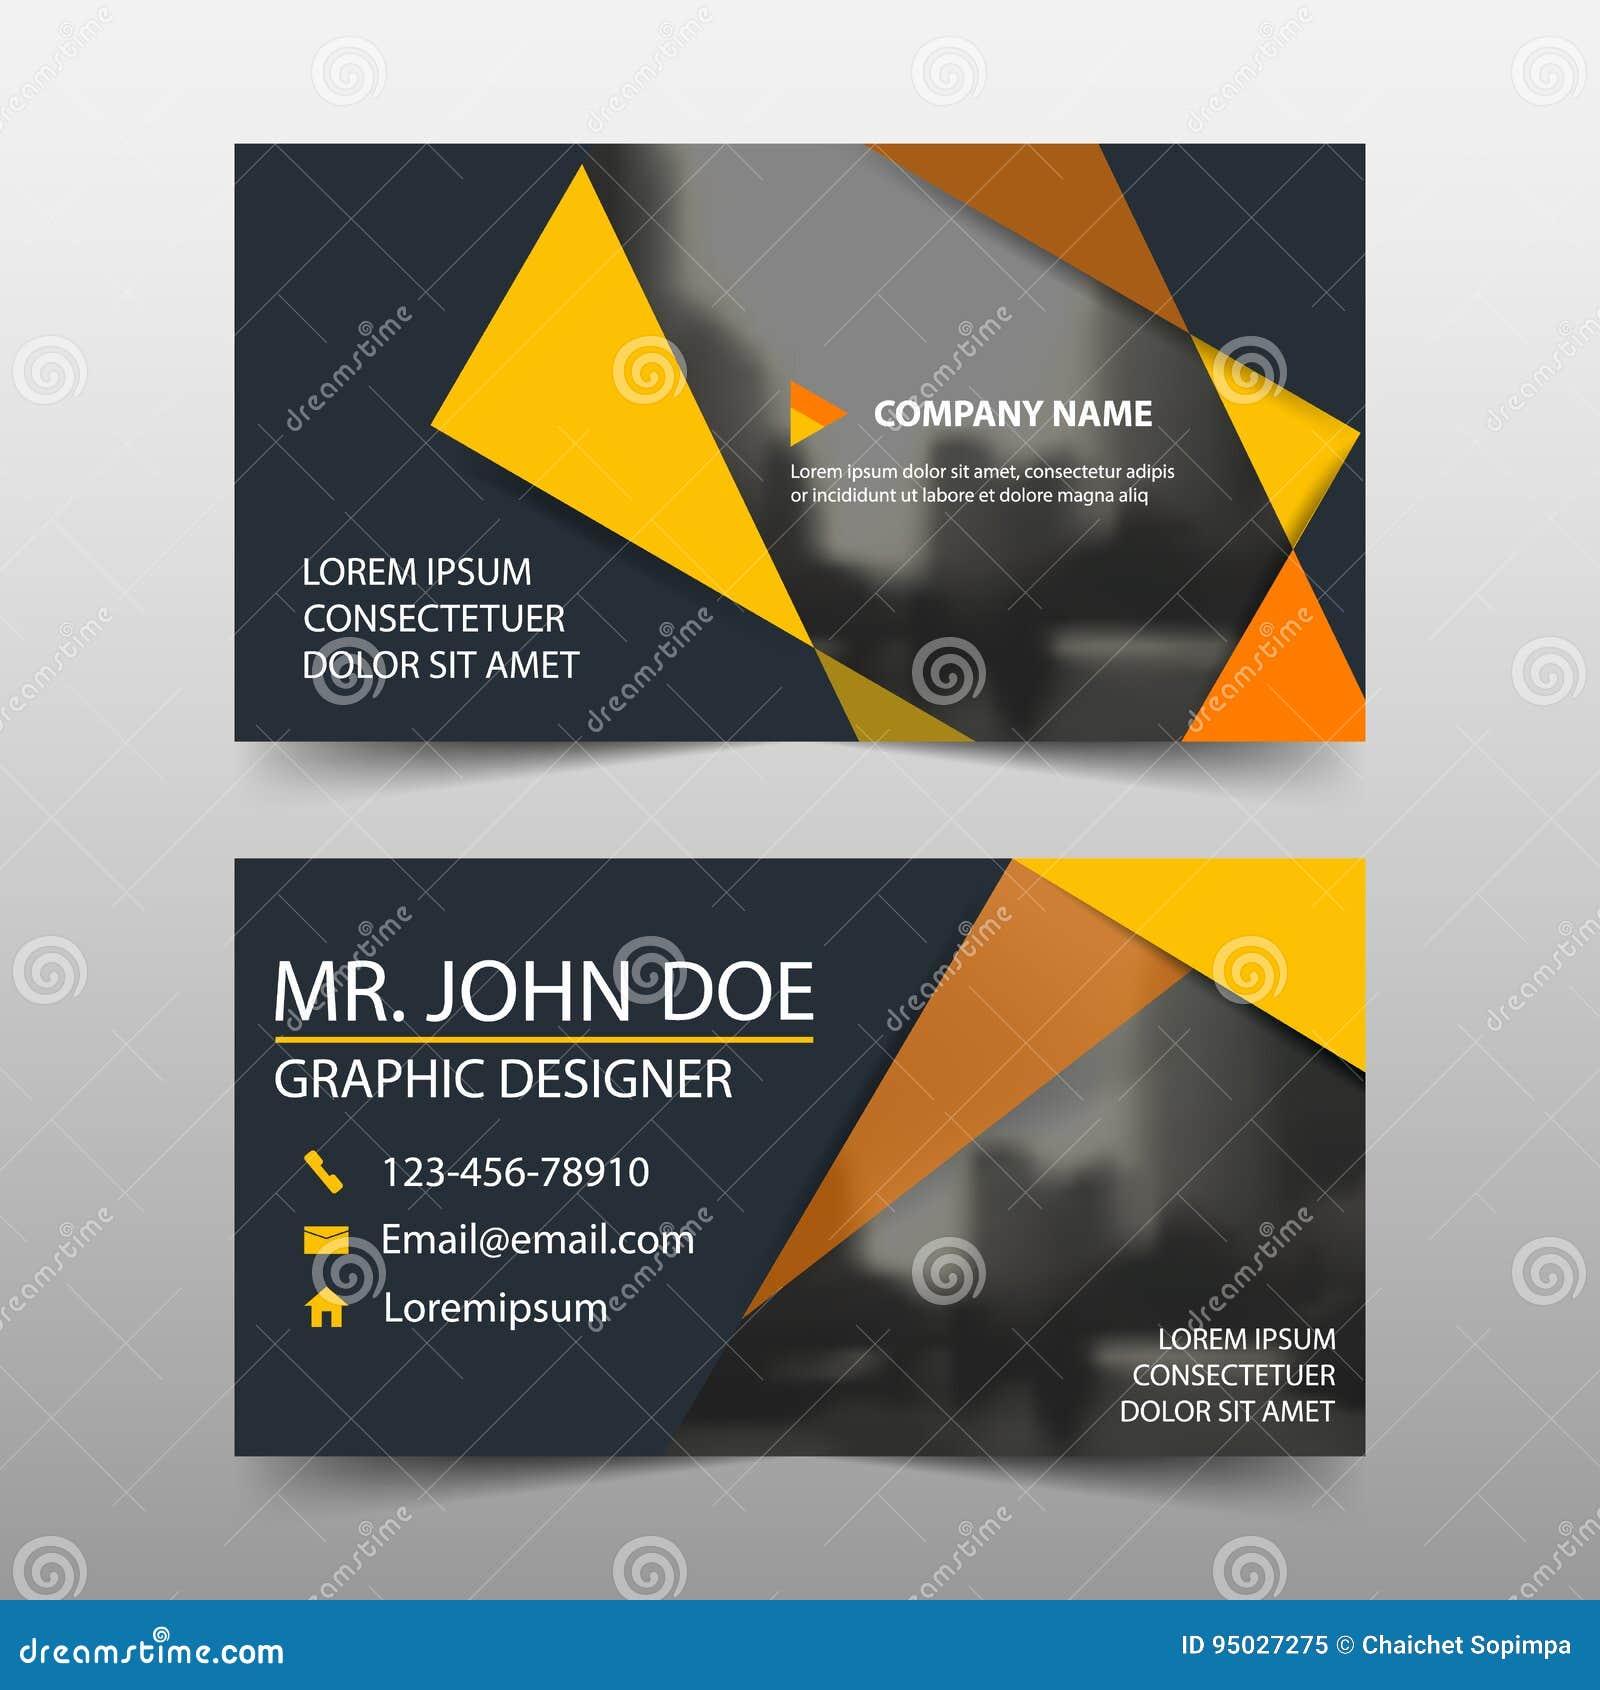 Tarjeta de visita corporativa anaranjada, plantilla de la tarjeta de presentación, plantilla limpia simple horizontal del diseño